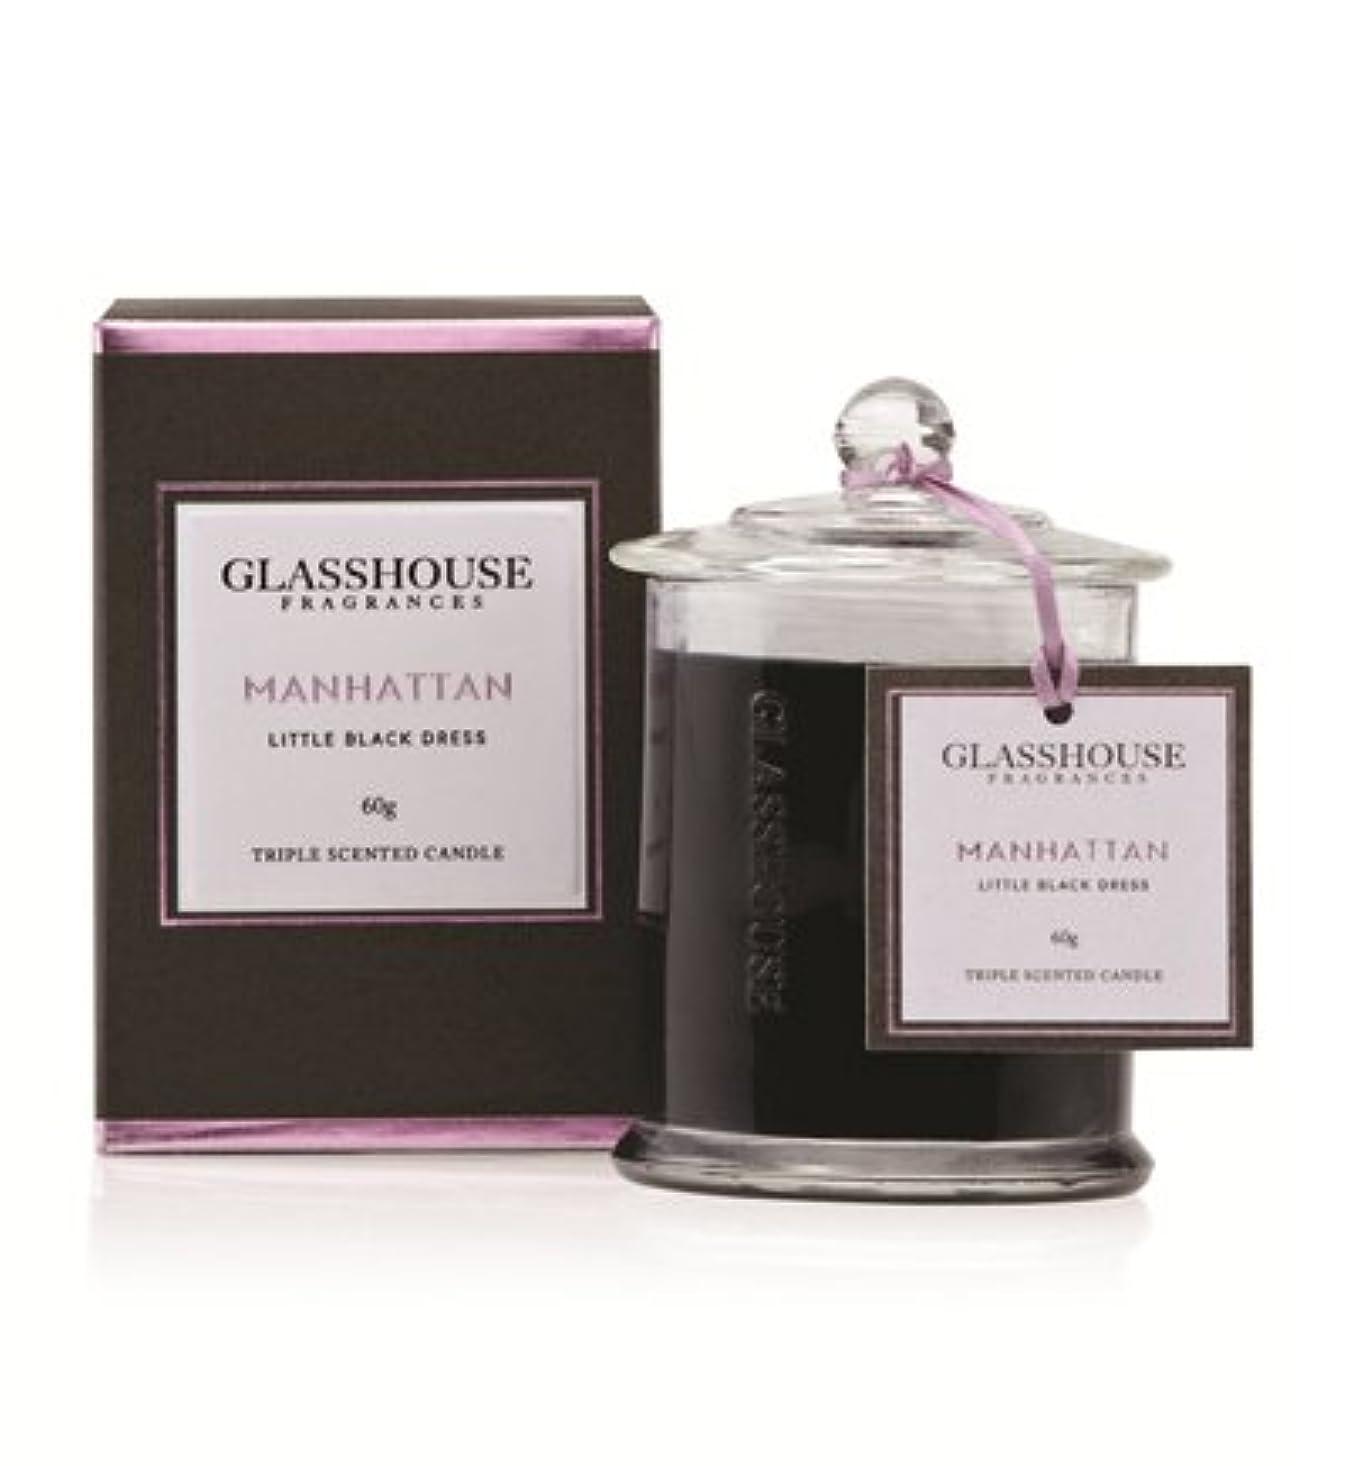 小包縞模様の近似GLASSHOUSE グラスハウス アロマキャンドル (マンハッタン) ミニキャンドル 60g